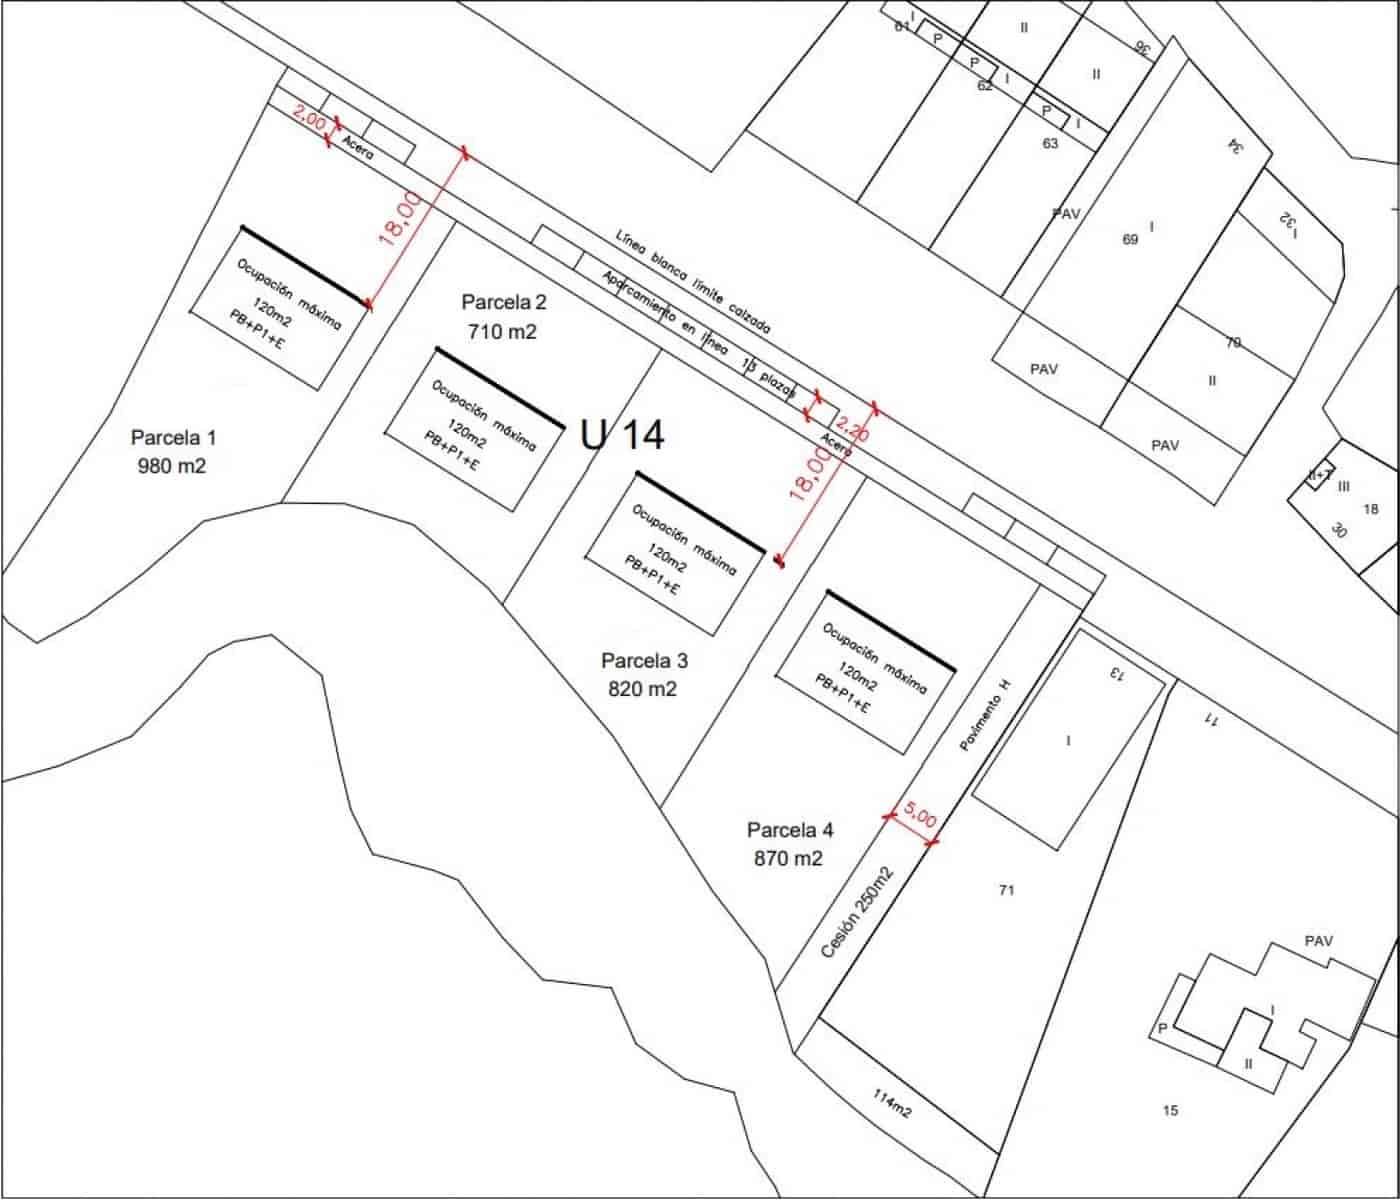 Działka budowlana na sprzedaż w Ibargoiti - 70 402 € (Ref: 5703545)